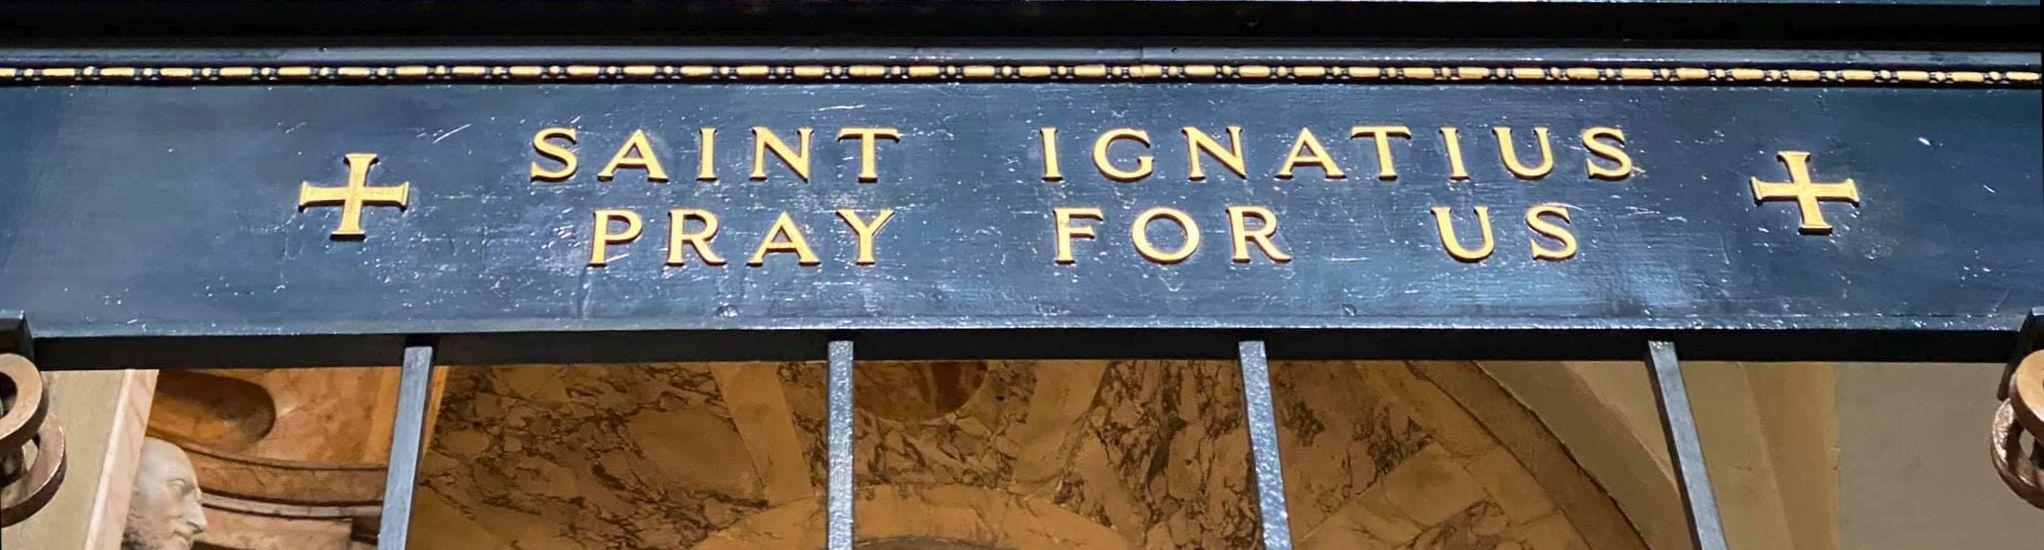 St Ignatius 1